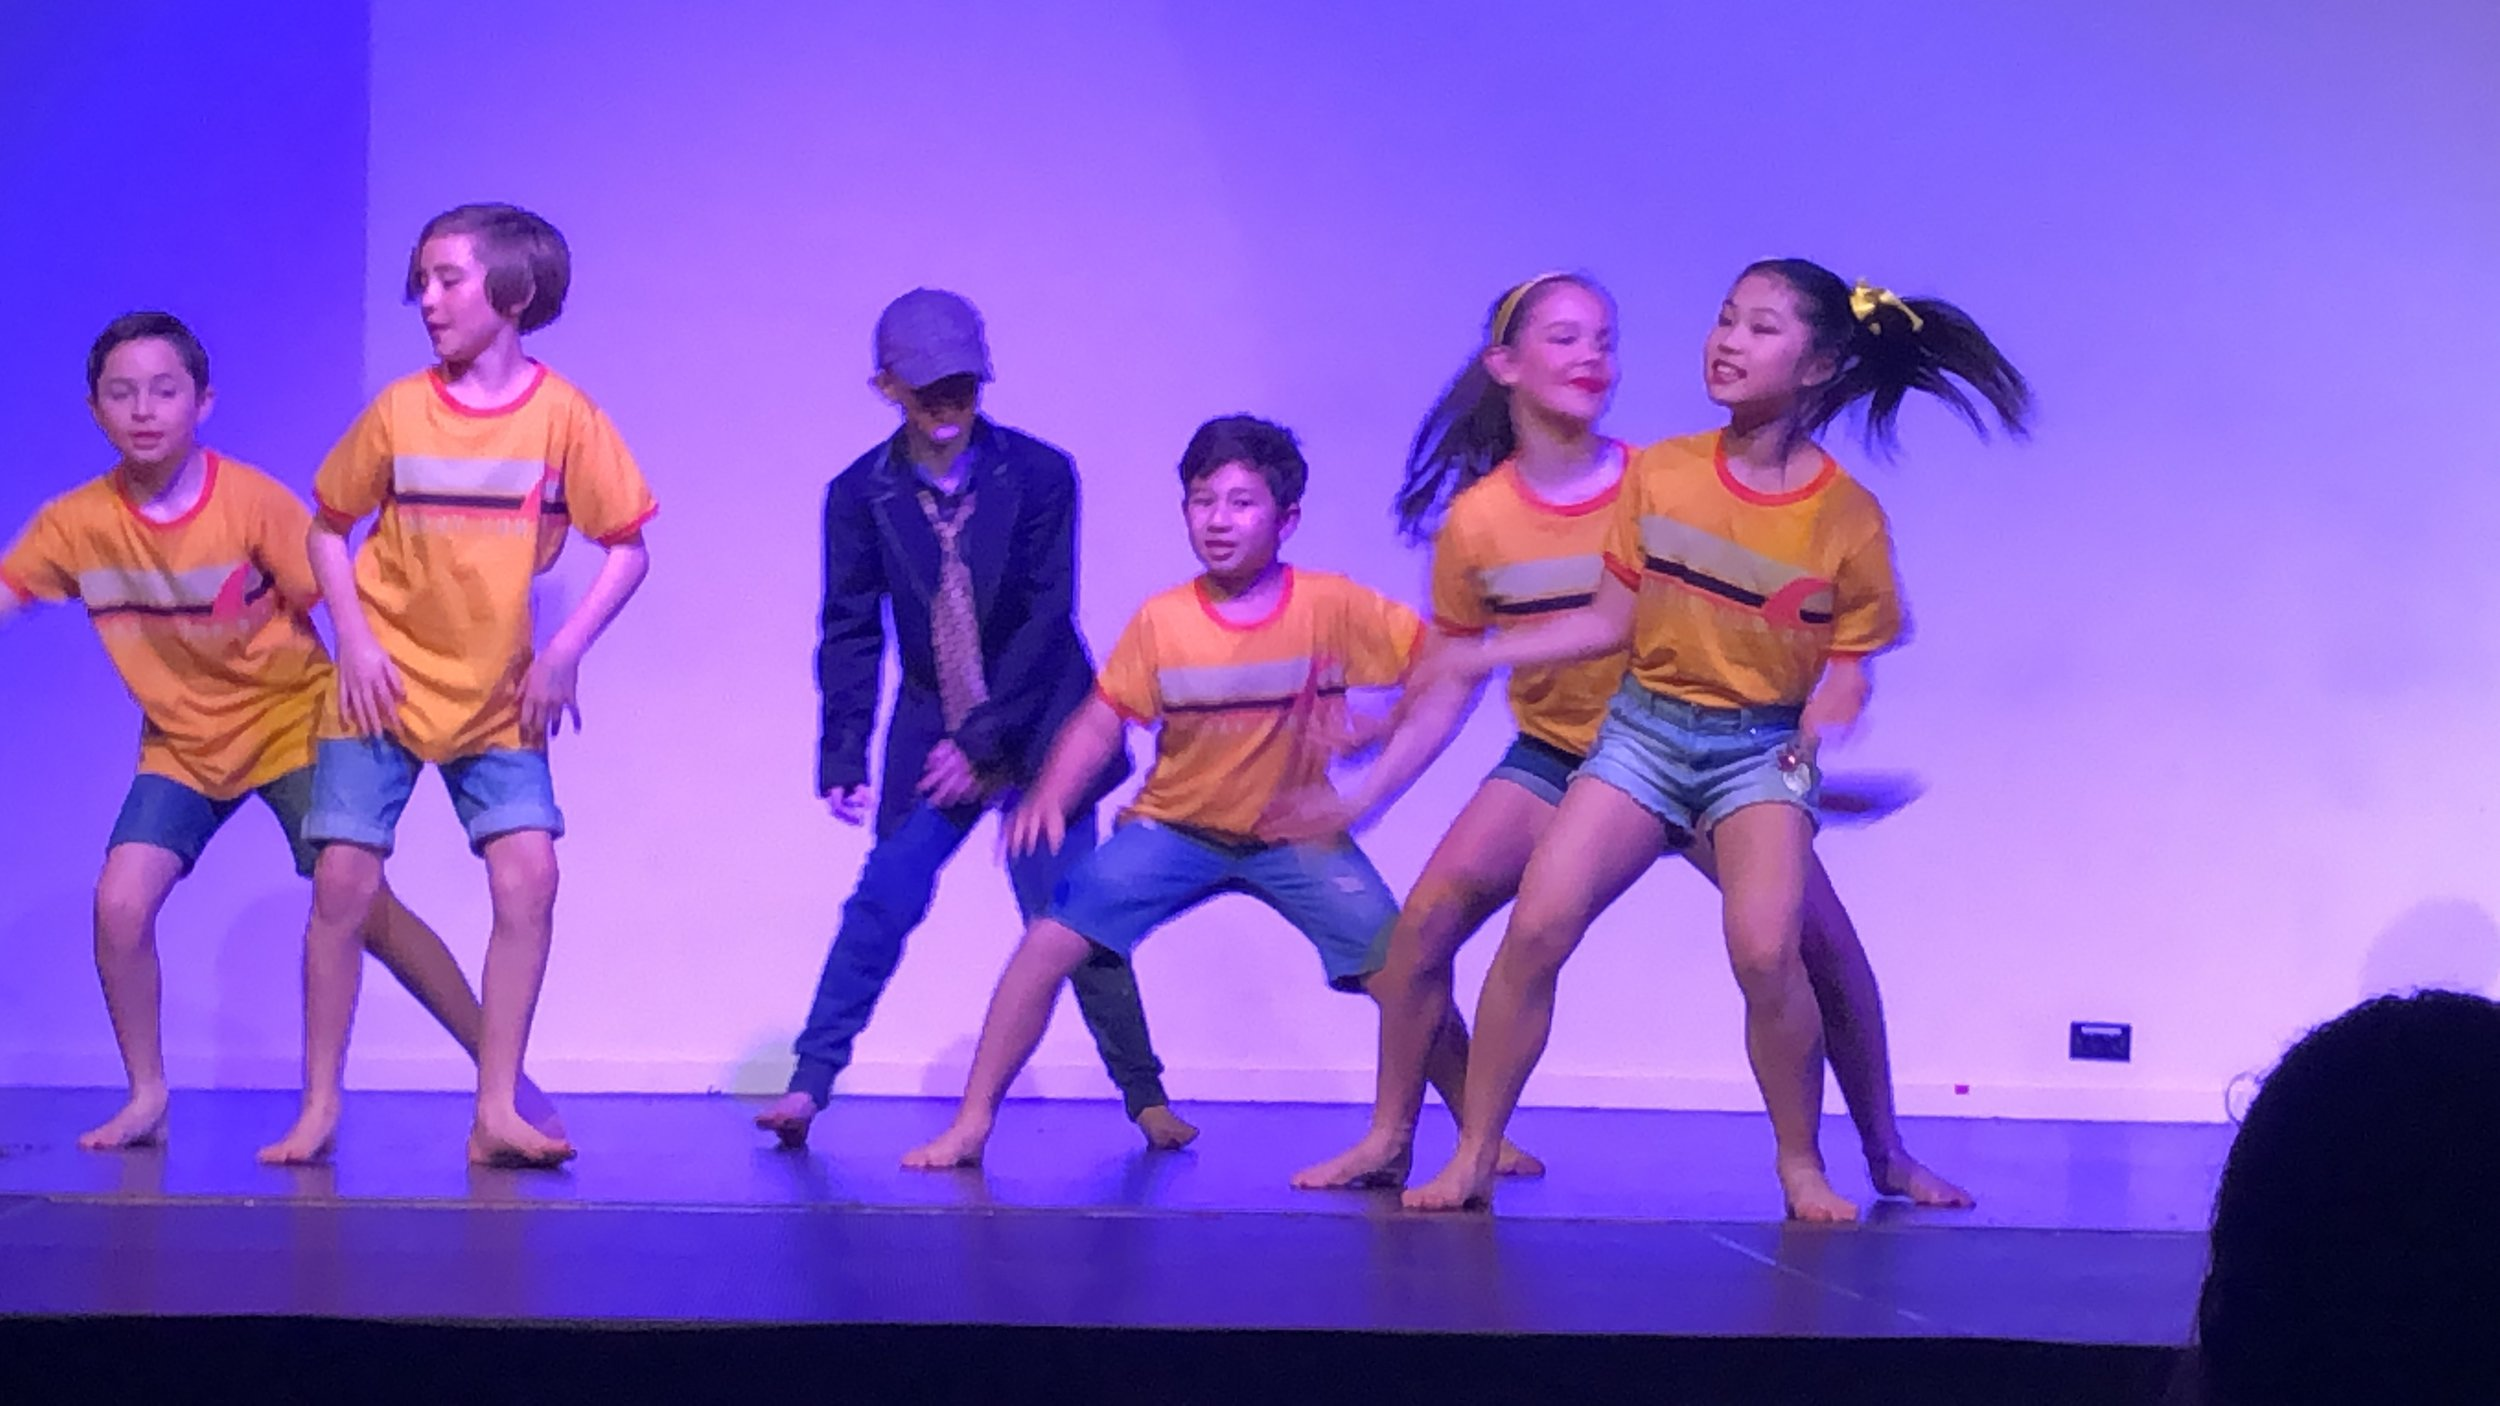 Dance Festivalsnr.JPG